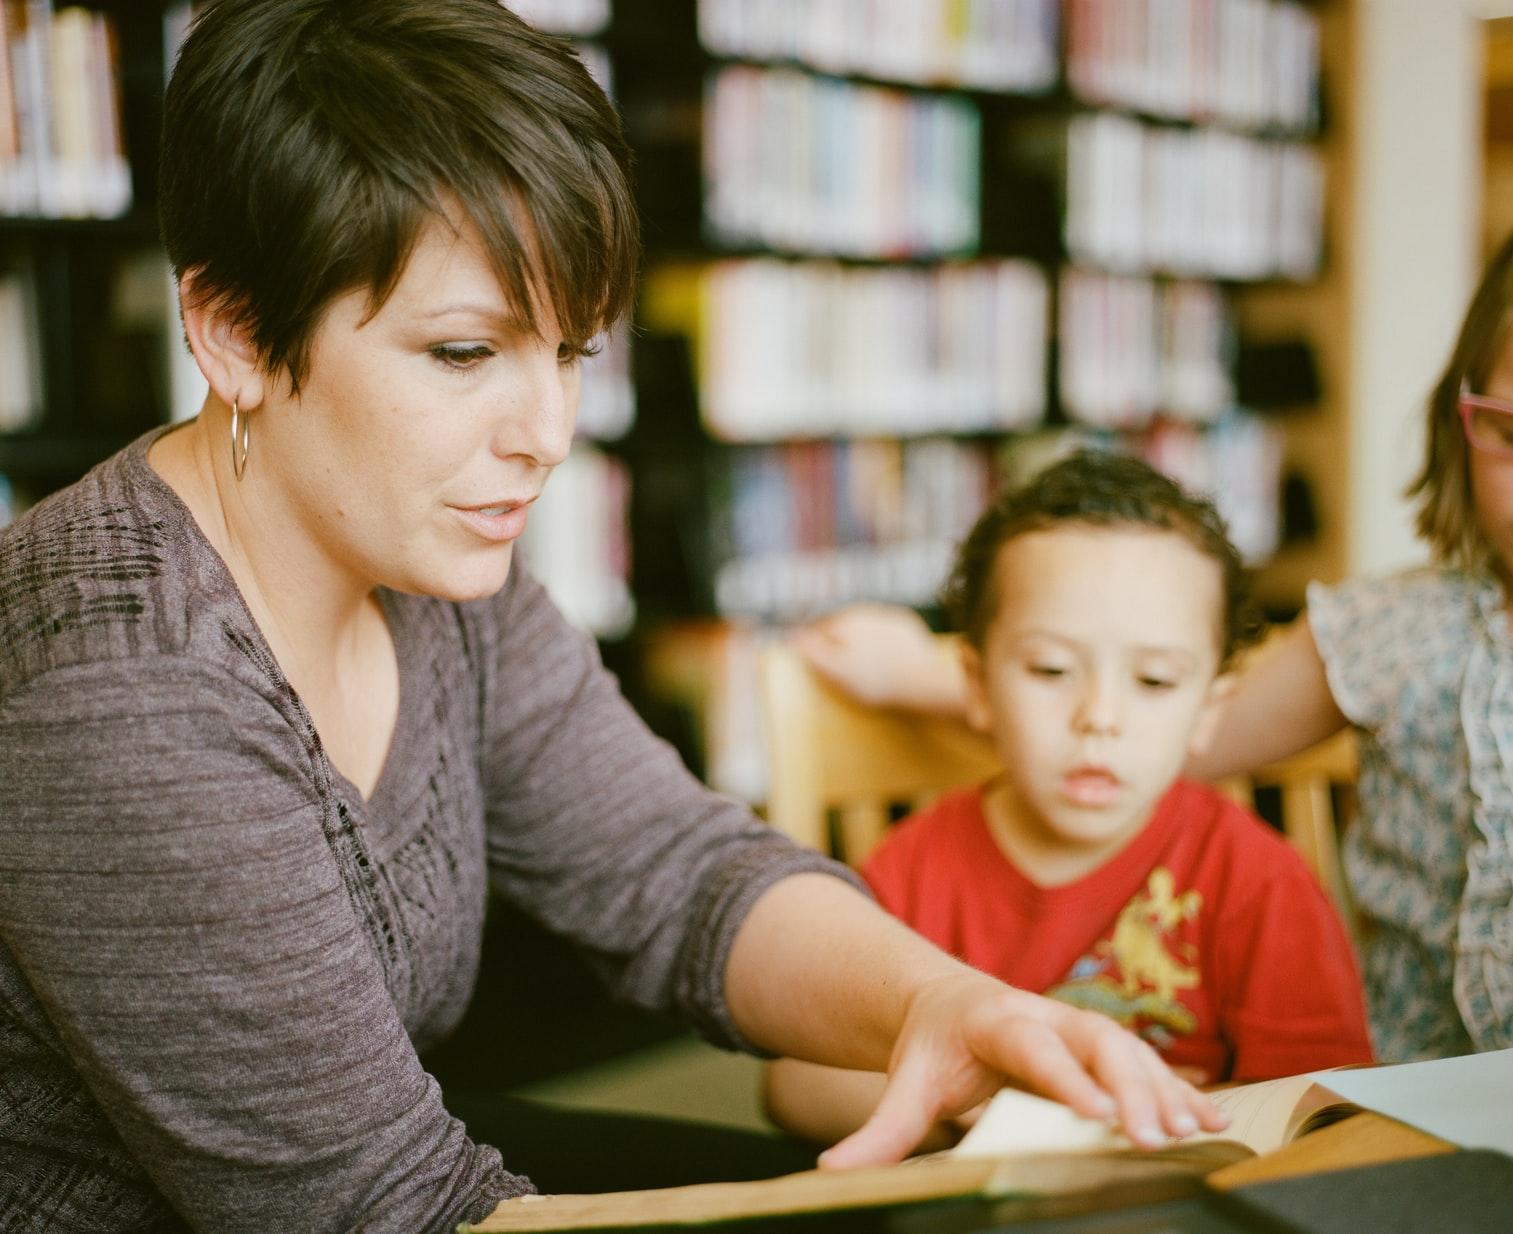 Gli insostenibili paradossi del sostegno scolastico